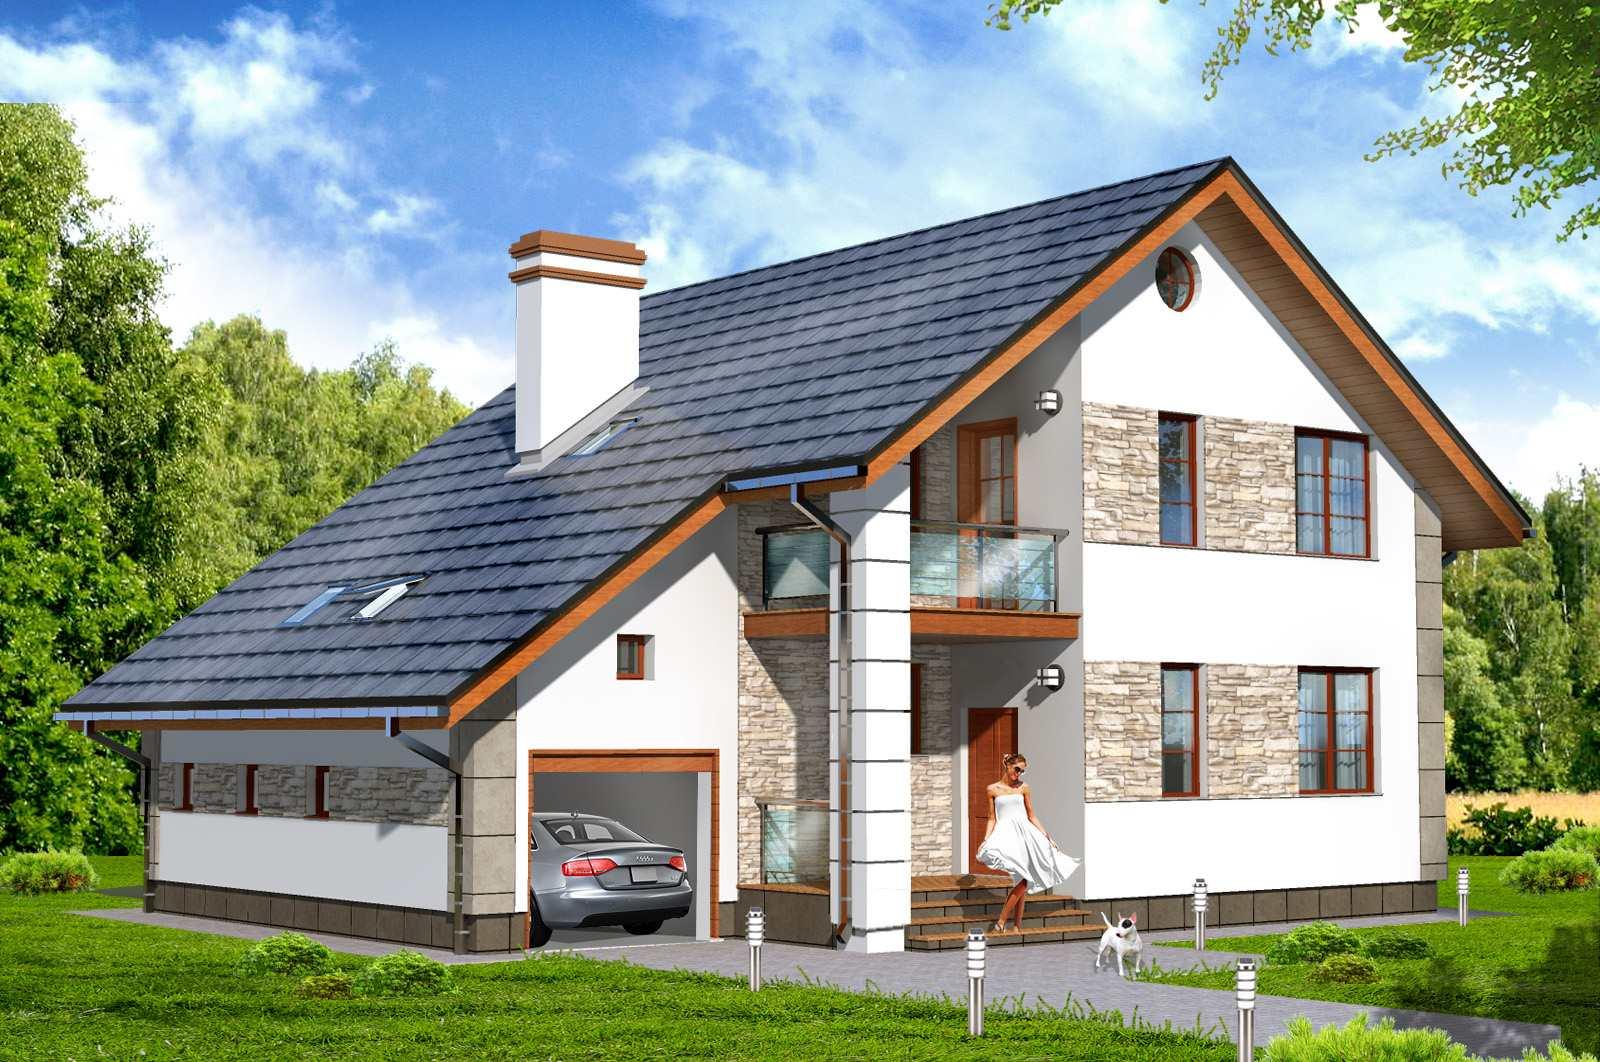 Продажа домов, коттеджей, дач Одессы, Малиновский район